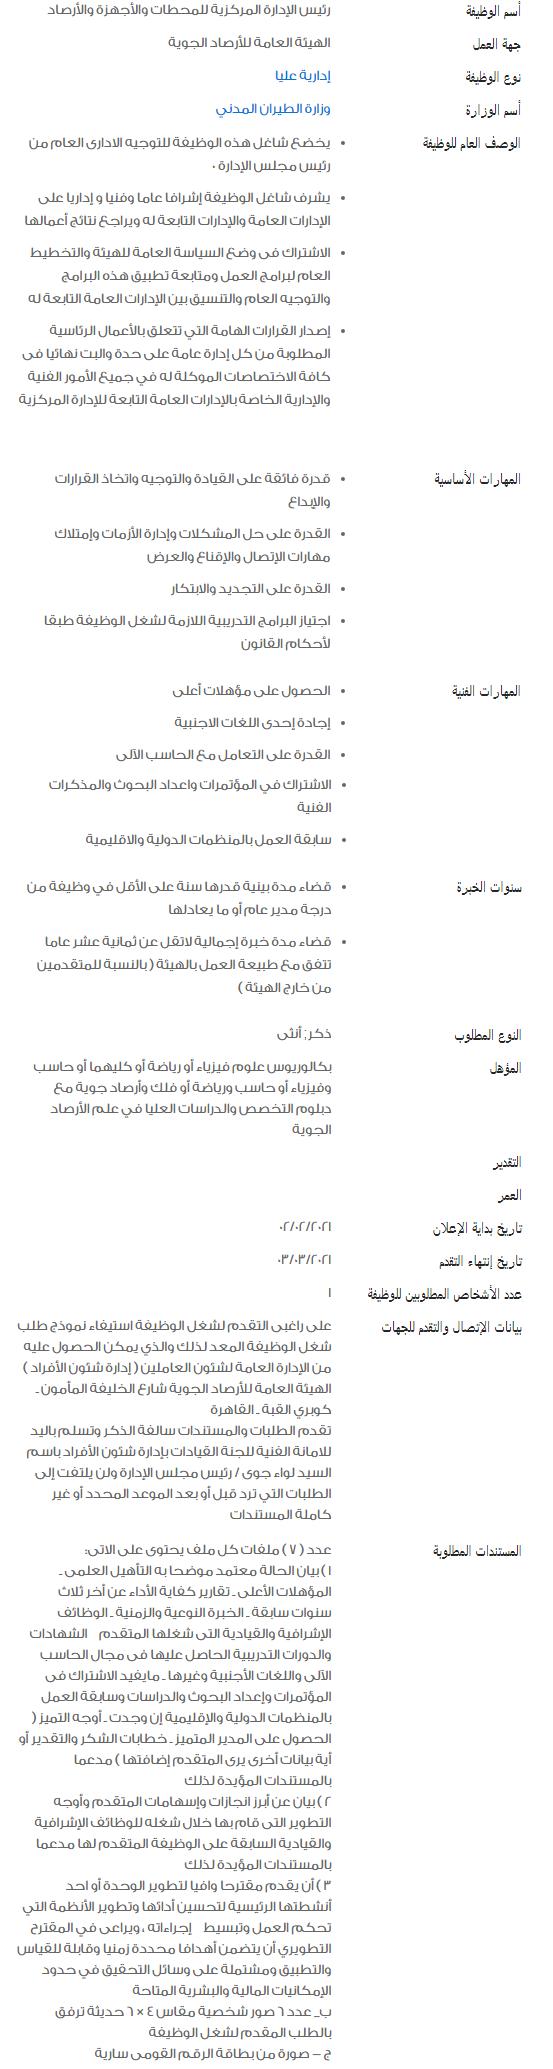 وظائف الحكومة المصرية لشهر فبراير 2021 وظائف بوابة الحكومة المصرية 4